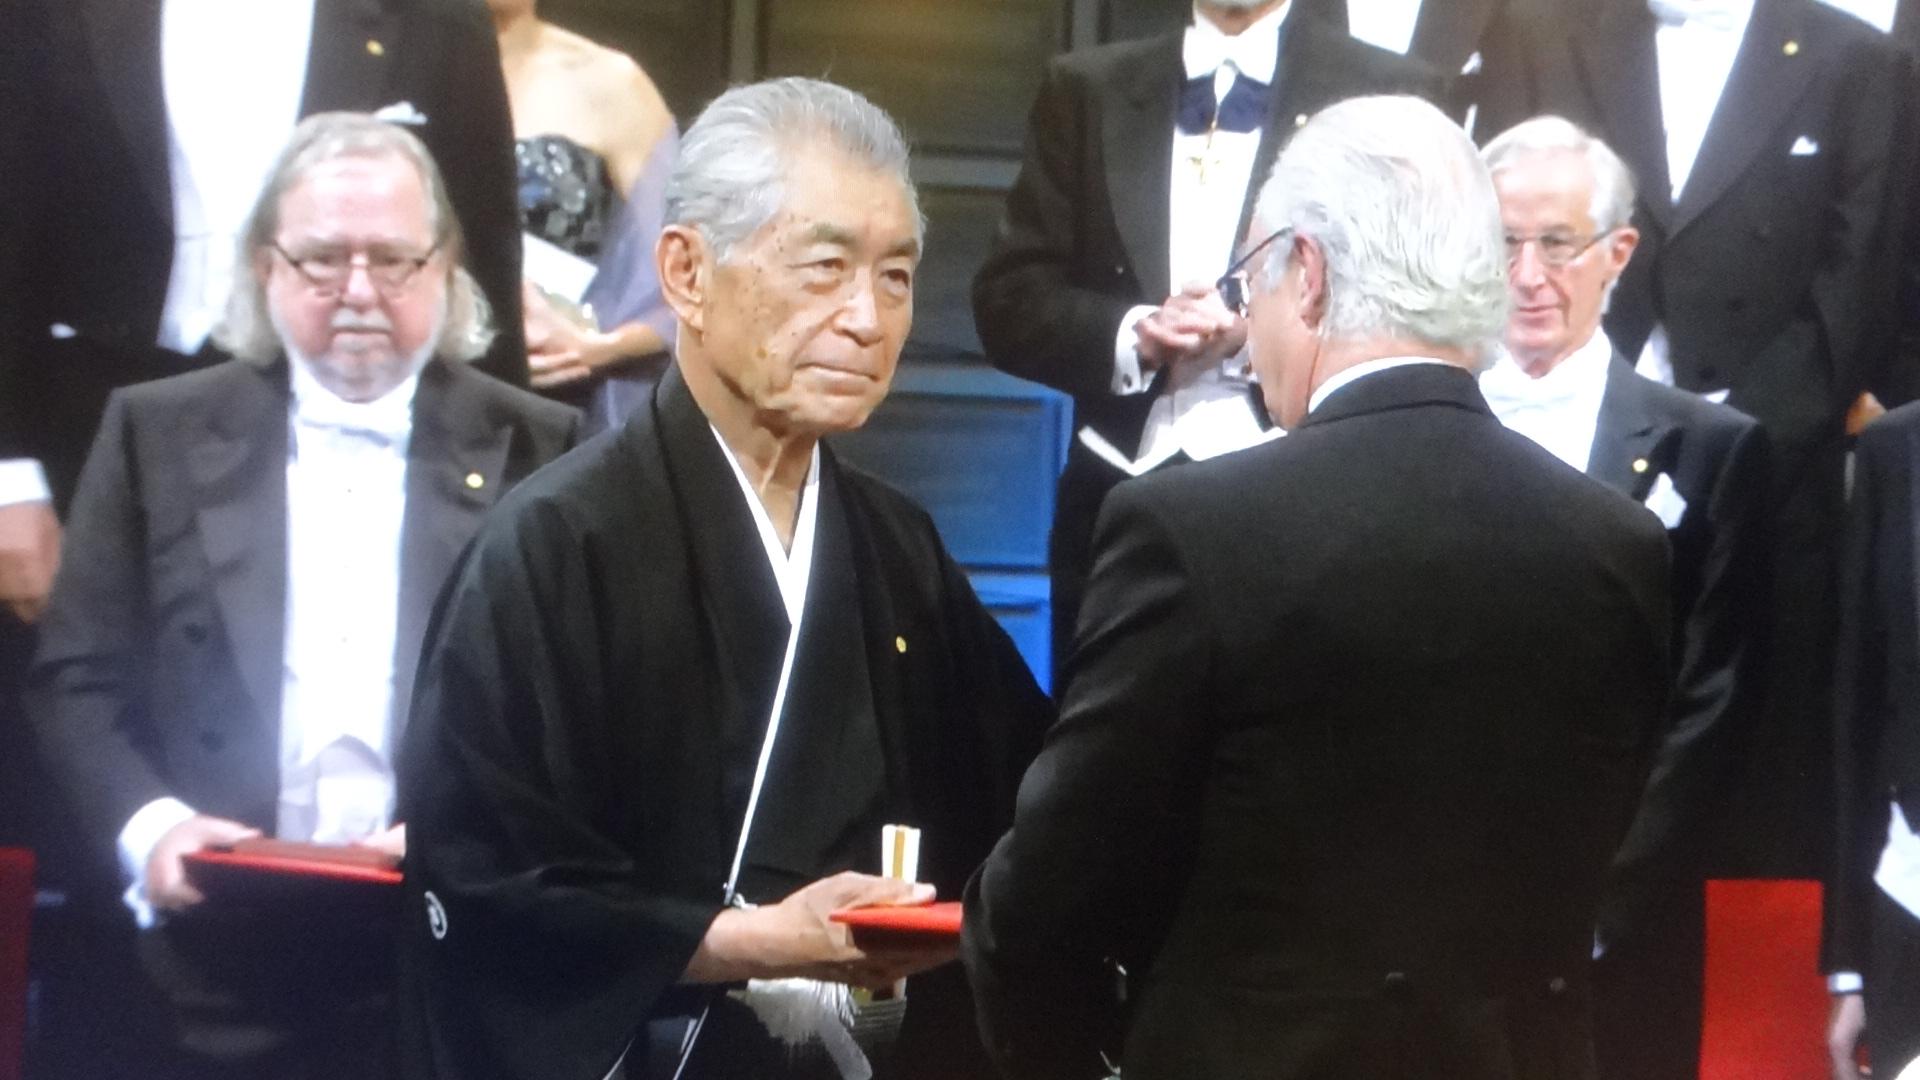 グスタフ国王から直々にメダルと賞状を渡される本庶先生